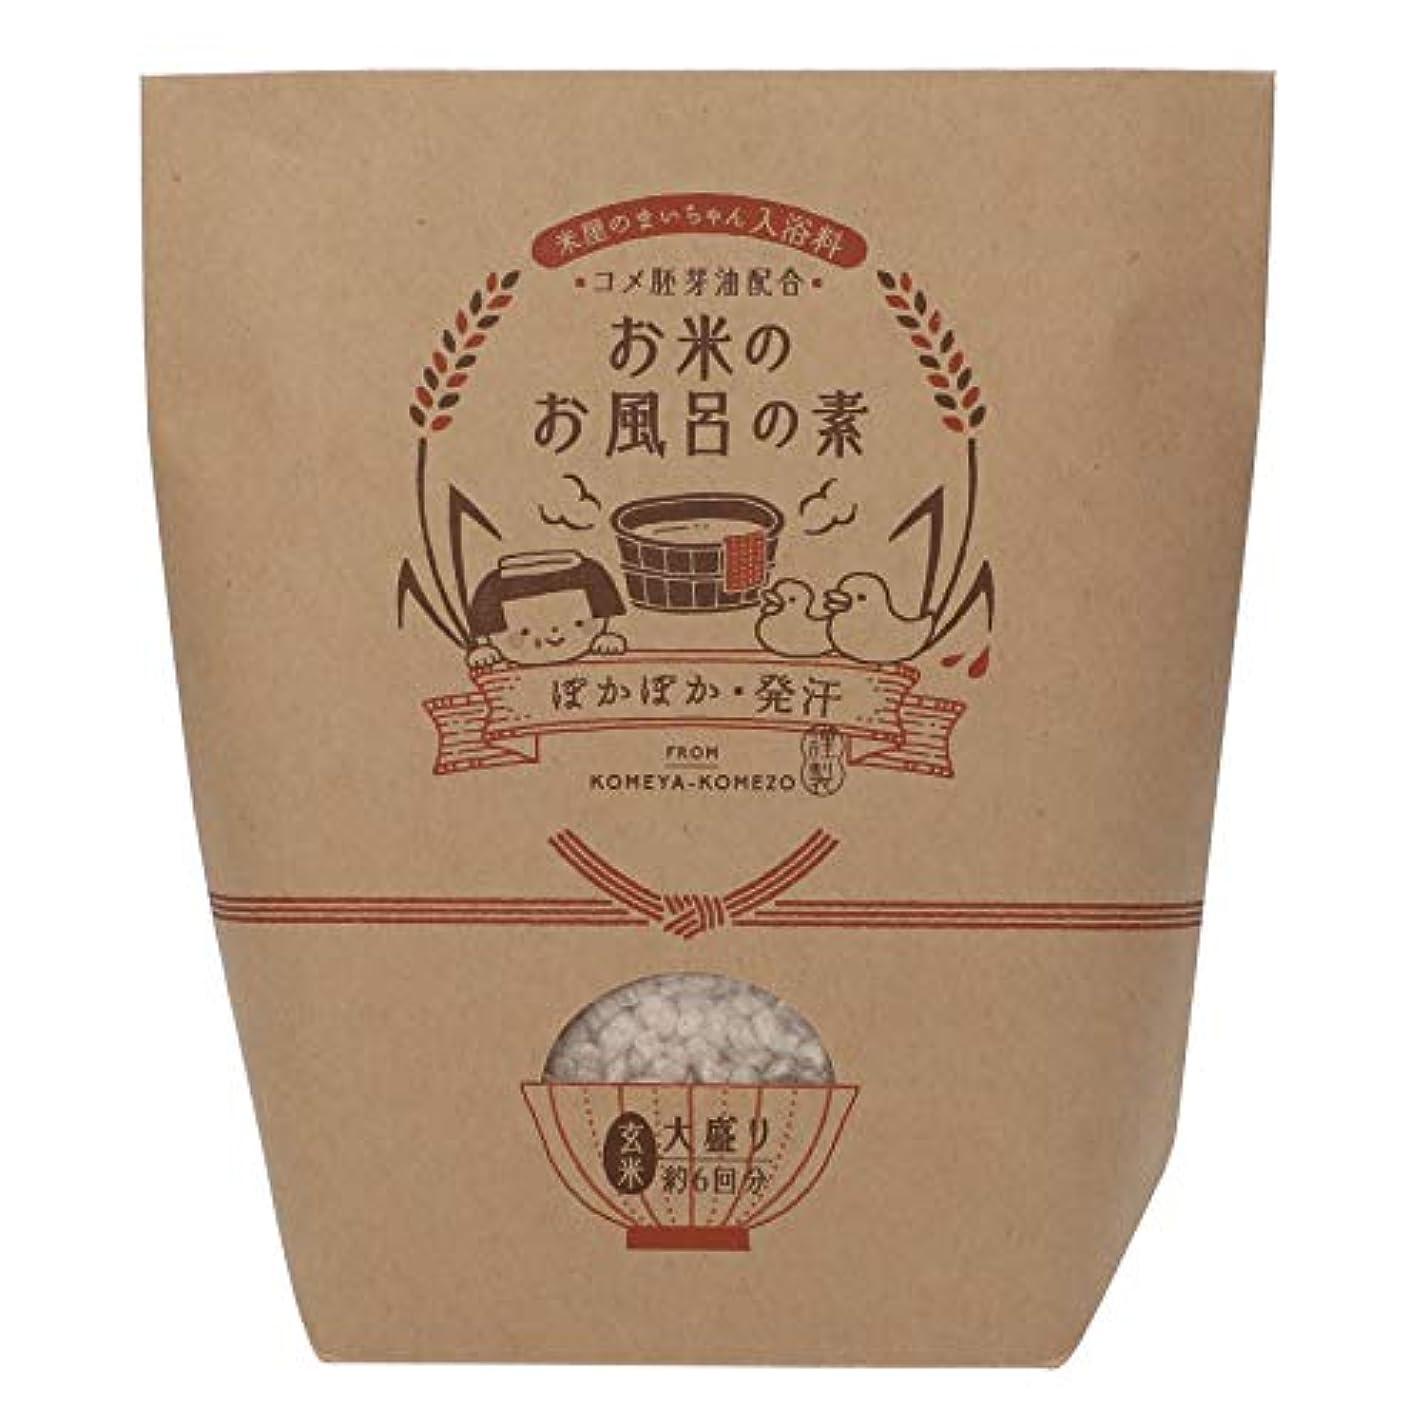 百年ハンバーガープランター米屋のまいちゃん家の逸品 お米のお風呂の素 大盛り(発汗) 入浴剤 142mm×55mm×156mm